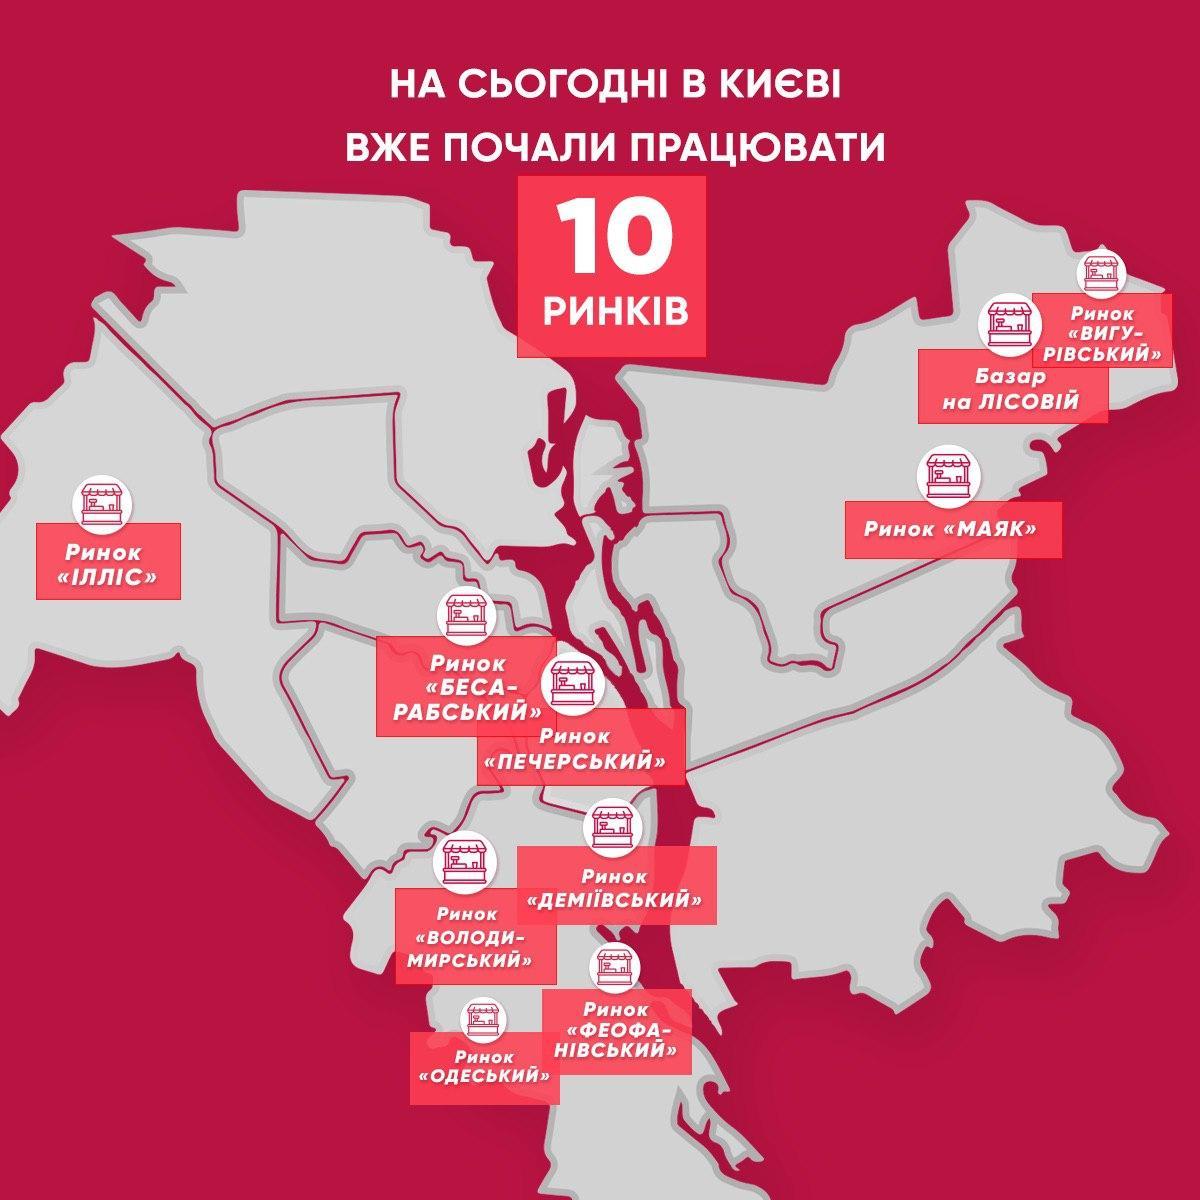 В Киеве заработали уже 10 продовольственных рынков